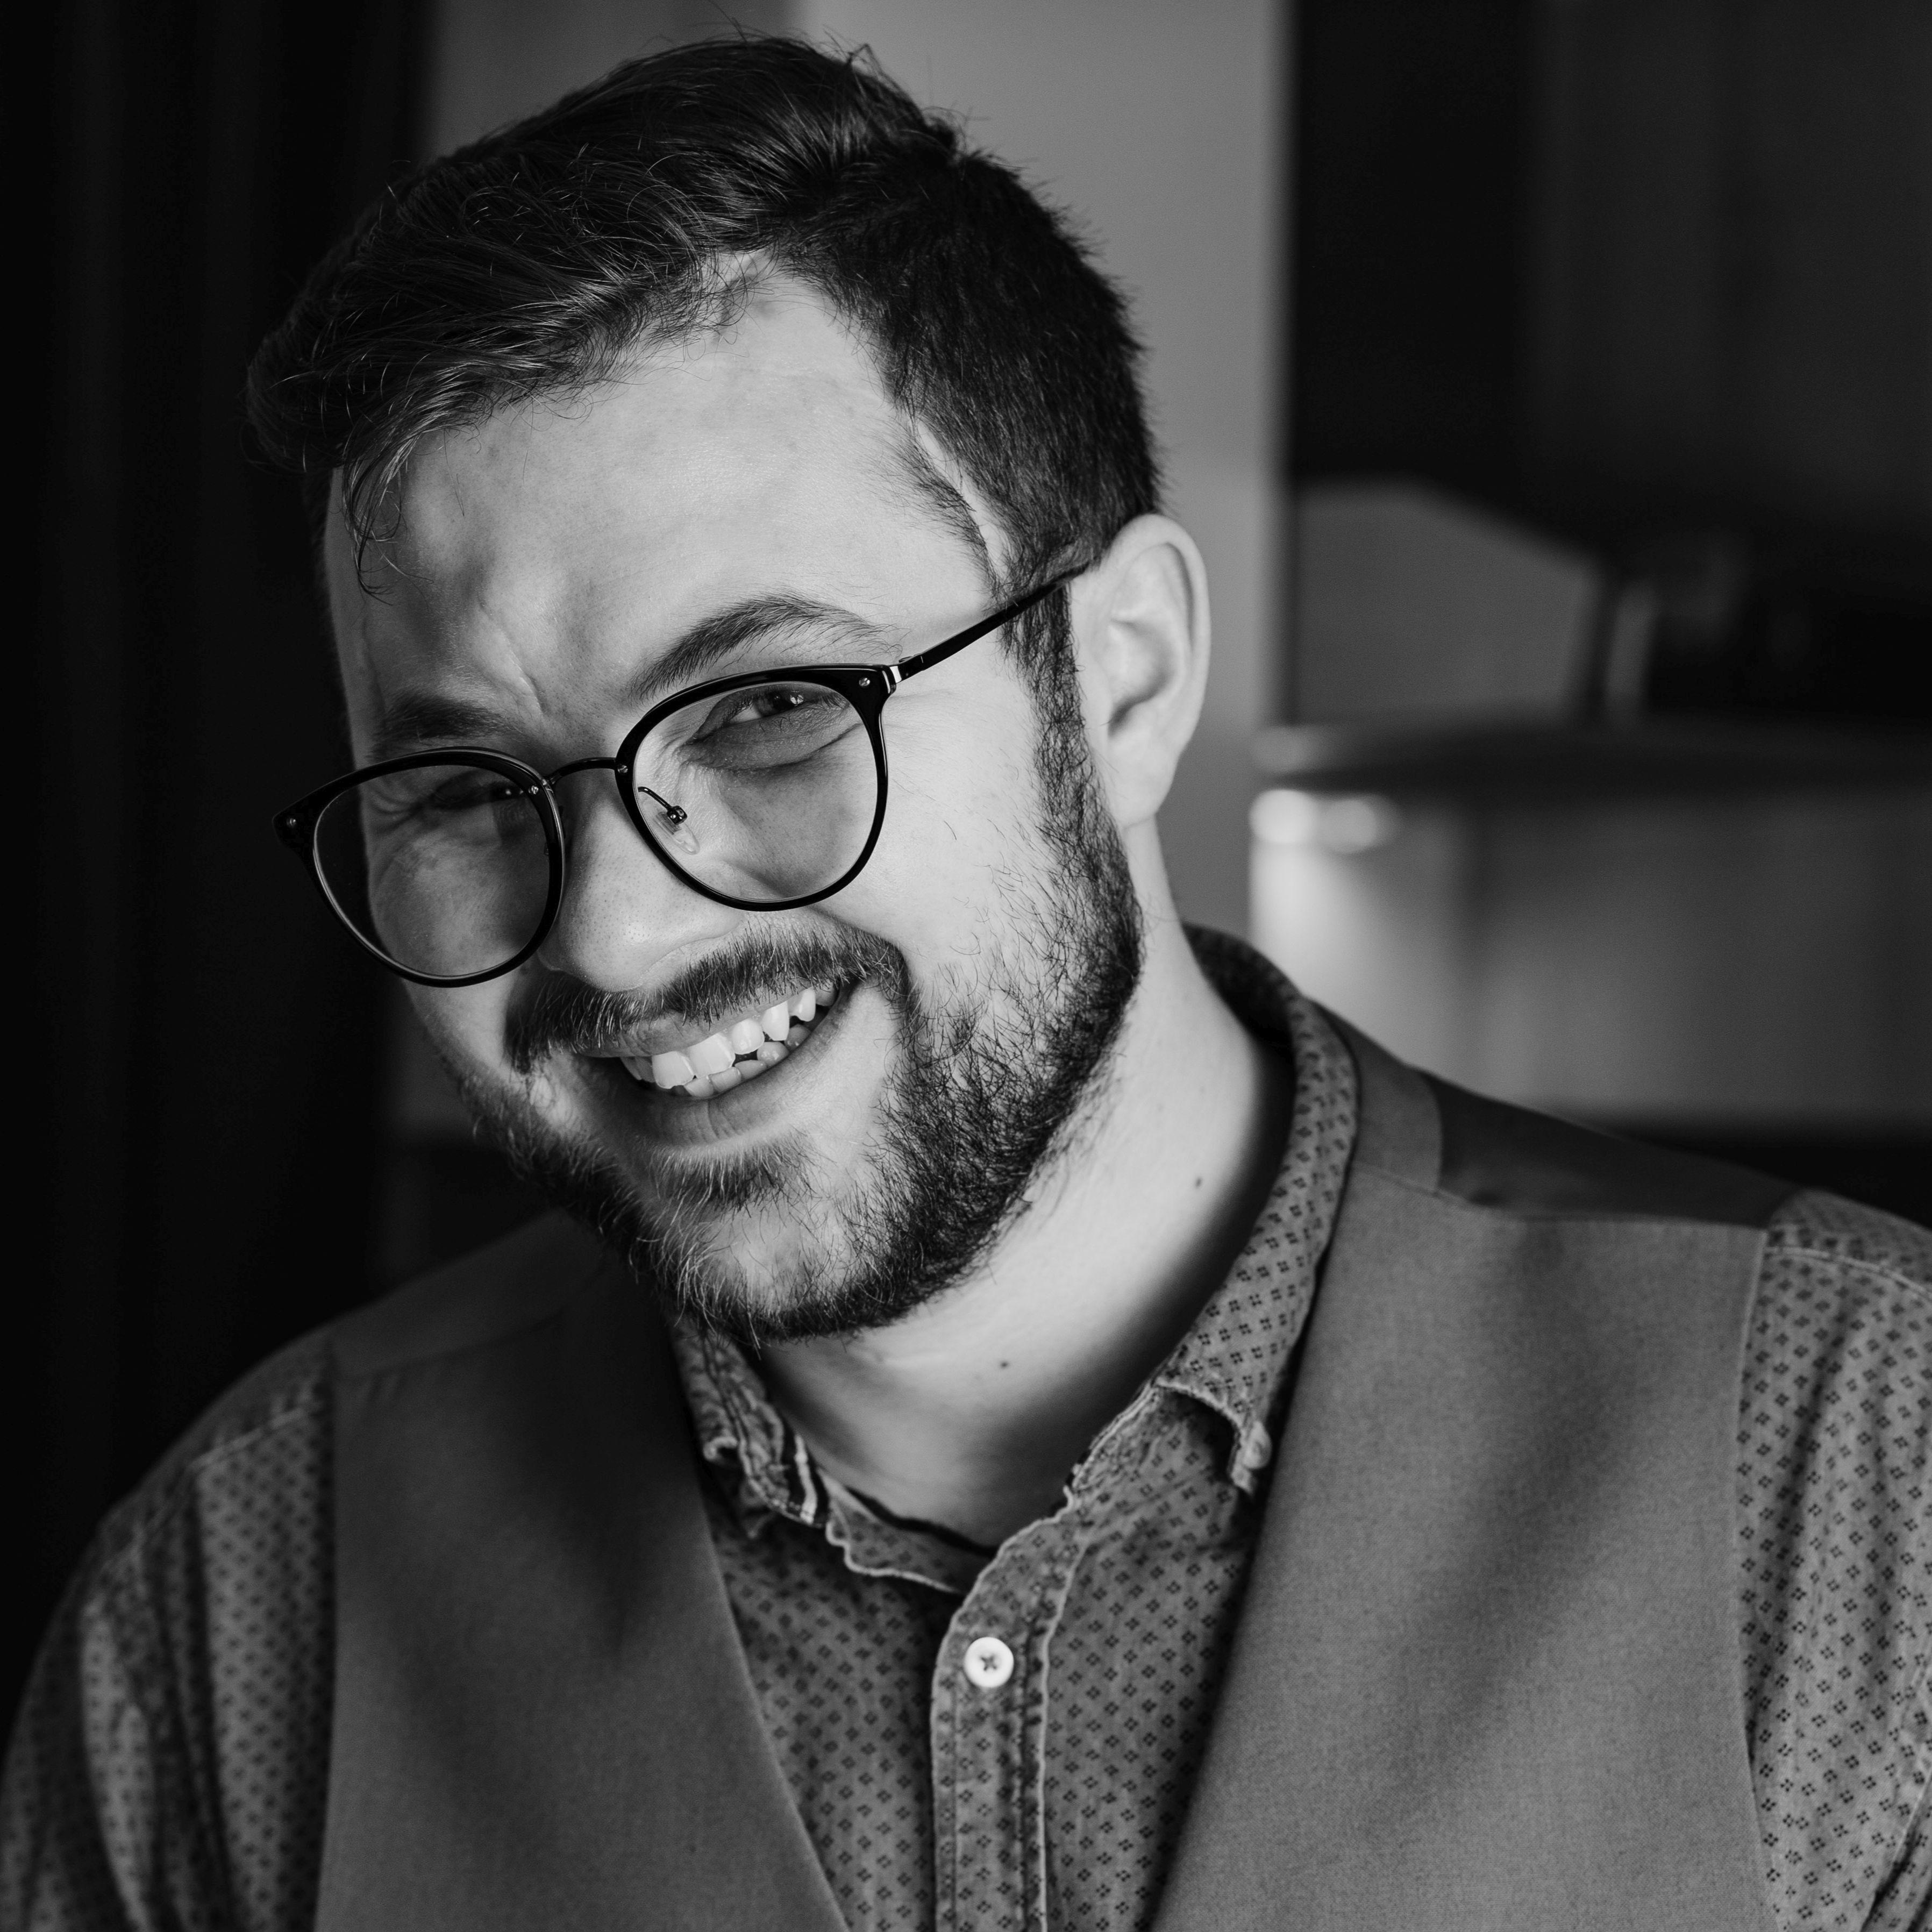 137. Podcast Mužom.sk: Matej Hlavatý - Muž, ktorý prežil